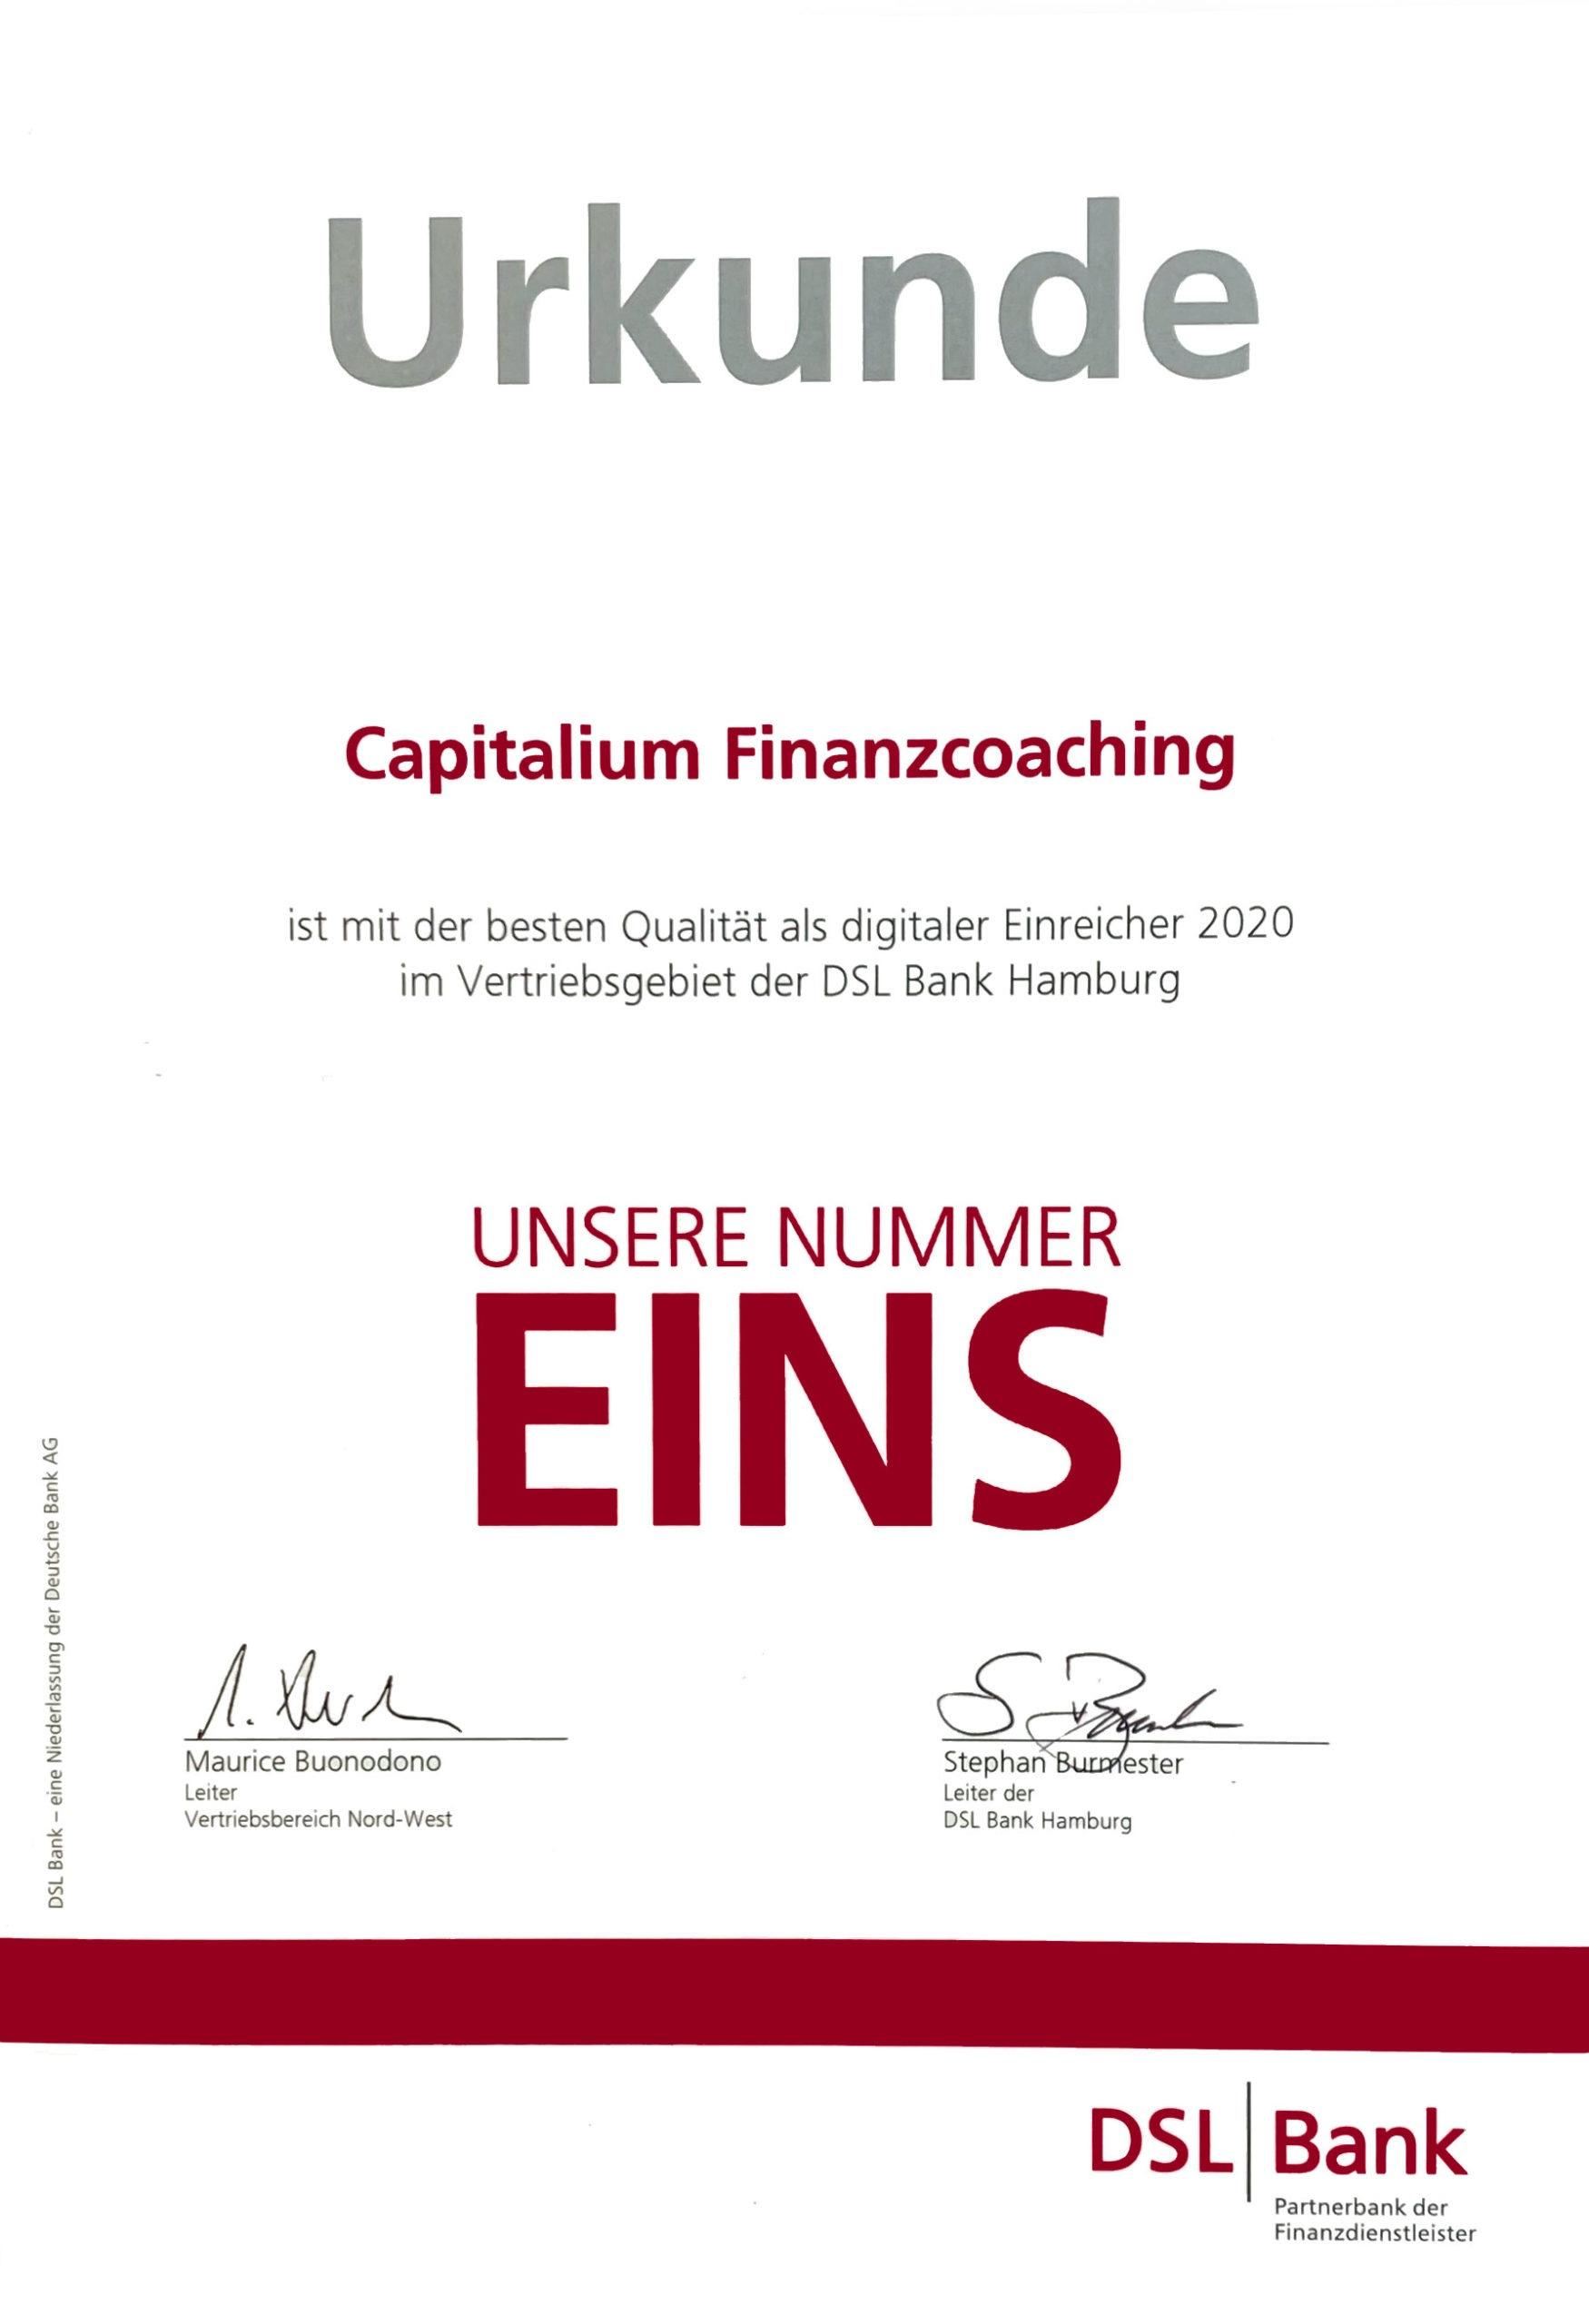 Urkunde-DSL-Bank-Qualitaet Einreichung 2020_Capitalium-Finanberater-Baufinanzierung-Hamburg-Kredit-Immobilienkauf-Matthias-Drews-Anja-Willumeit-Baufi